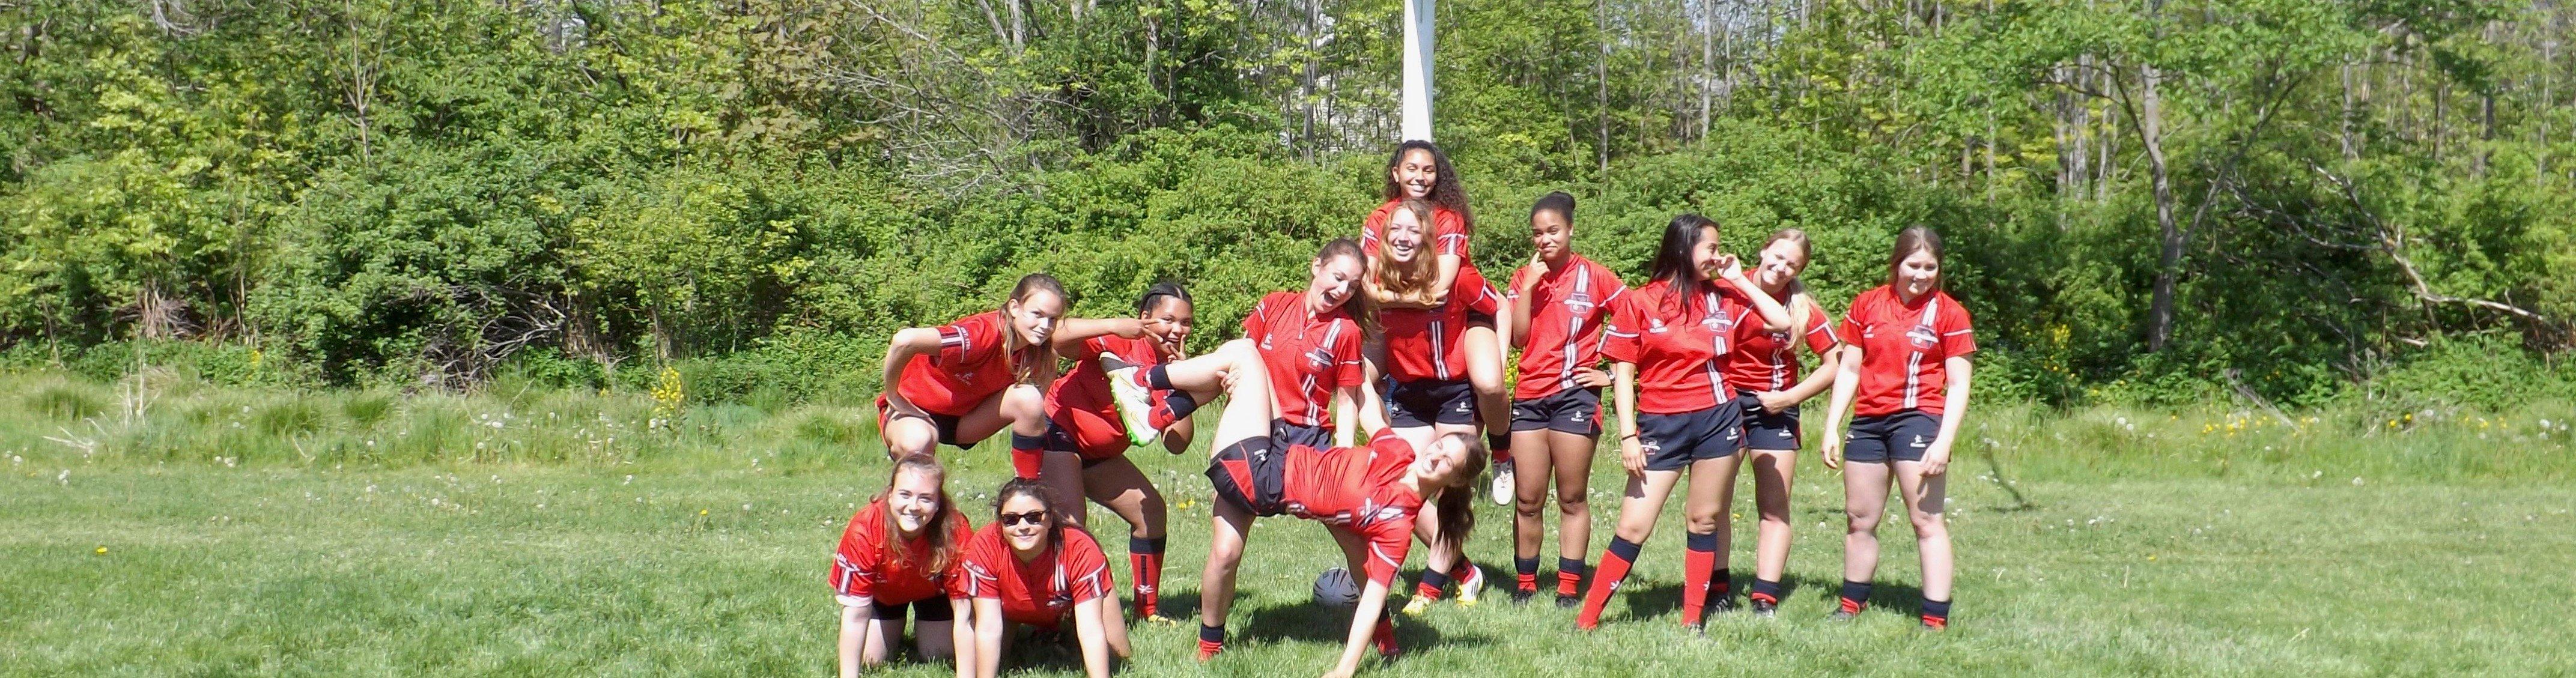 Girls Rugby Team photos - Tessa Firth - 6893551 (2)